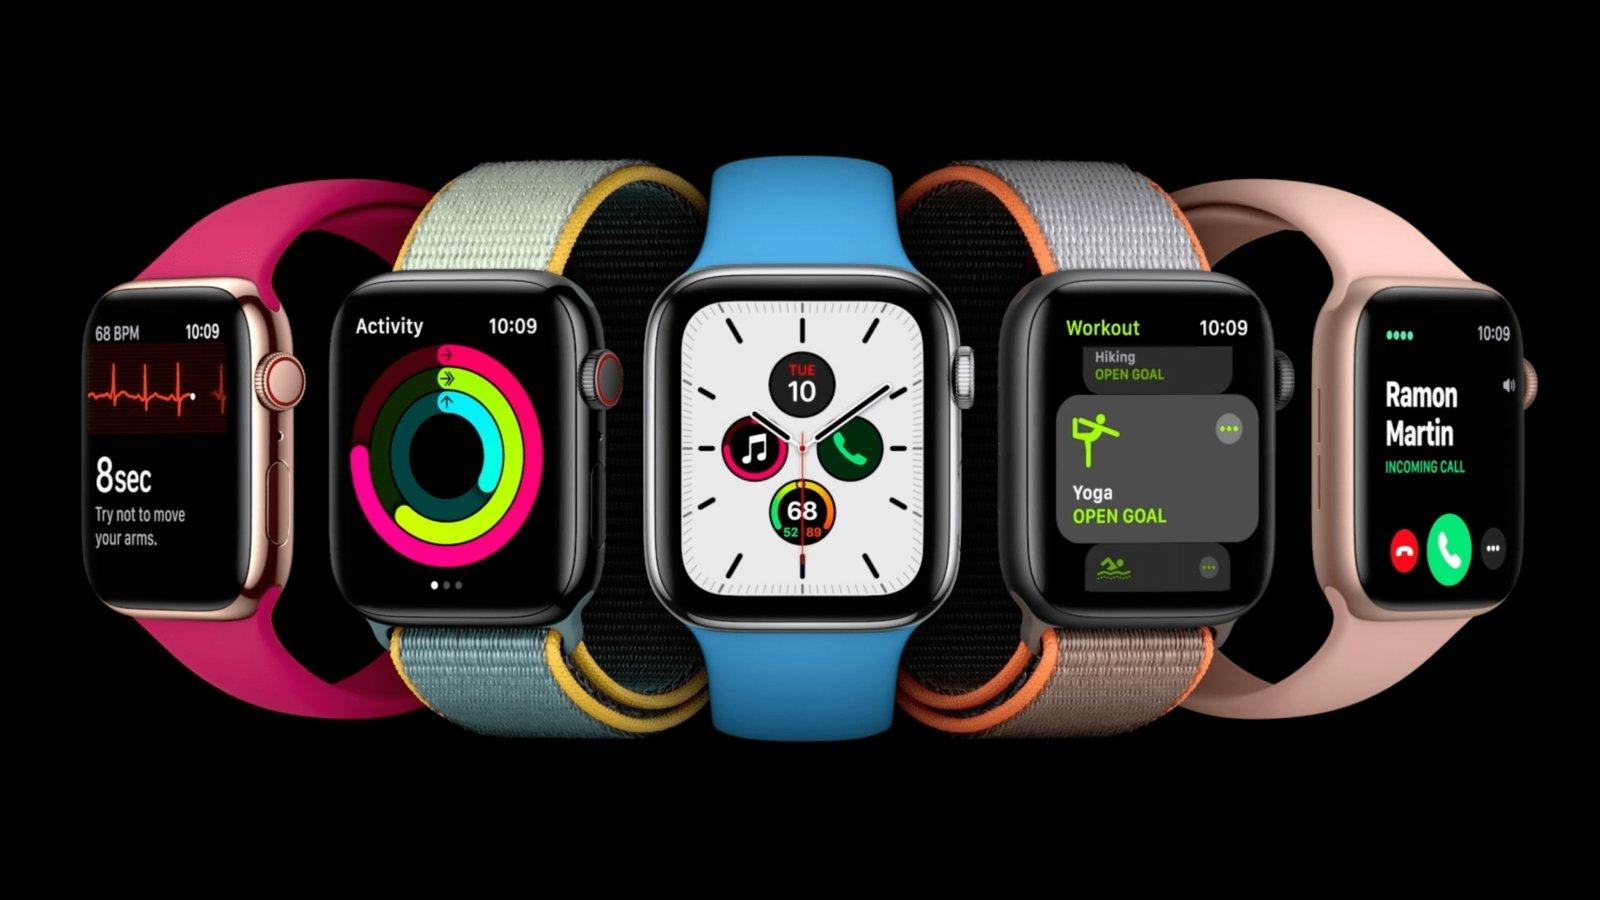 Когда выйдет публичная бета watchOS 7 для Apple Watch?